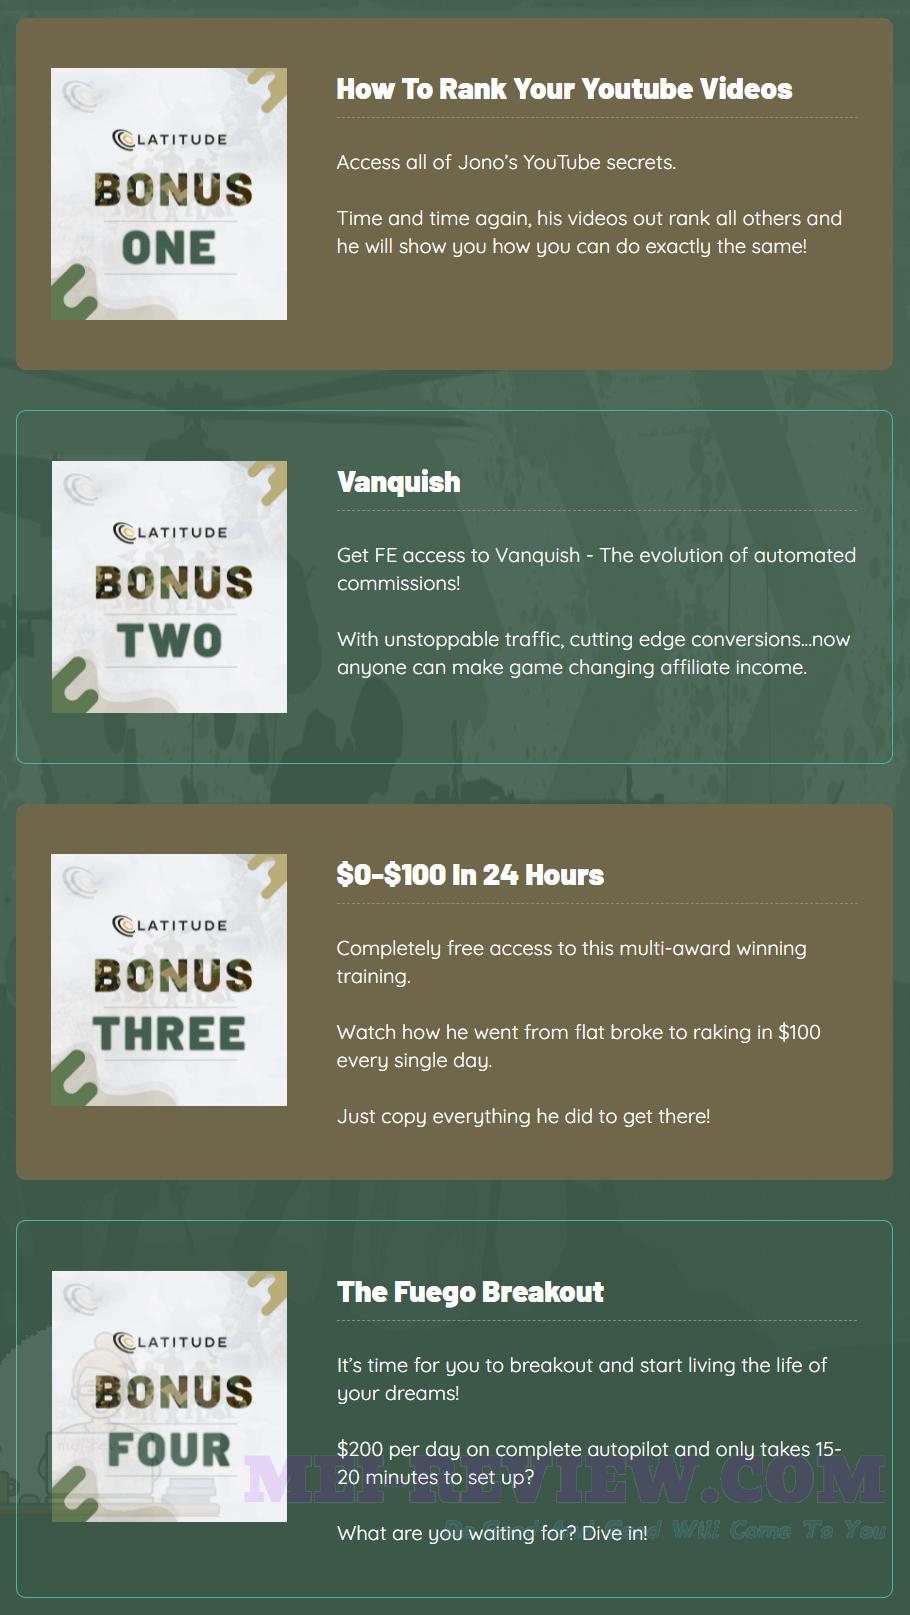 Latitude-bonus